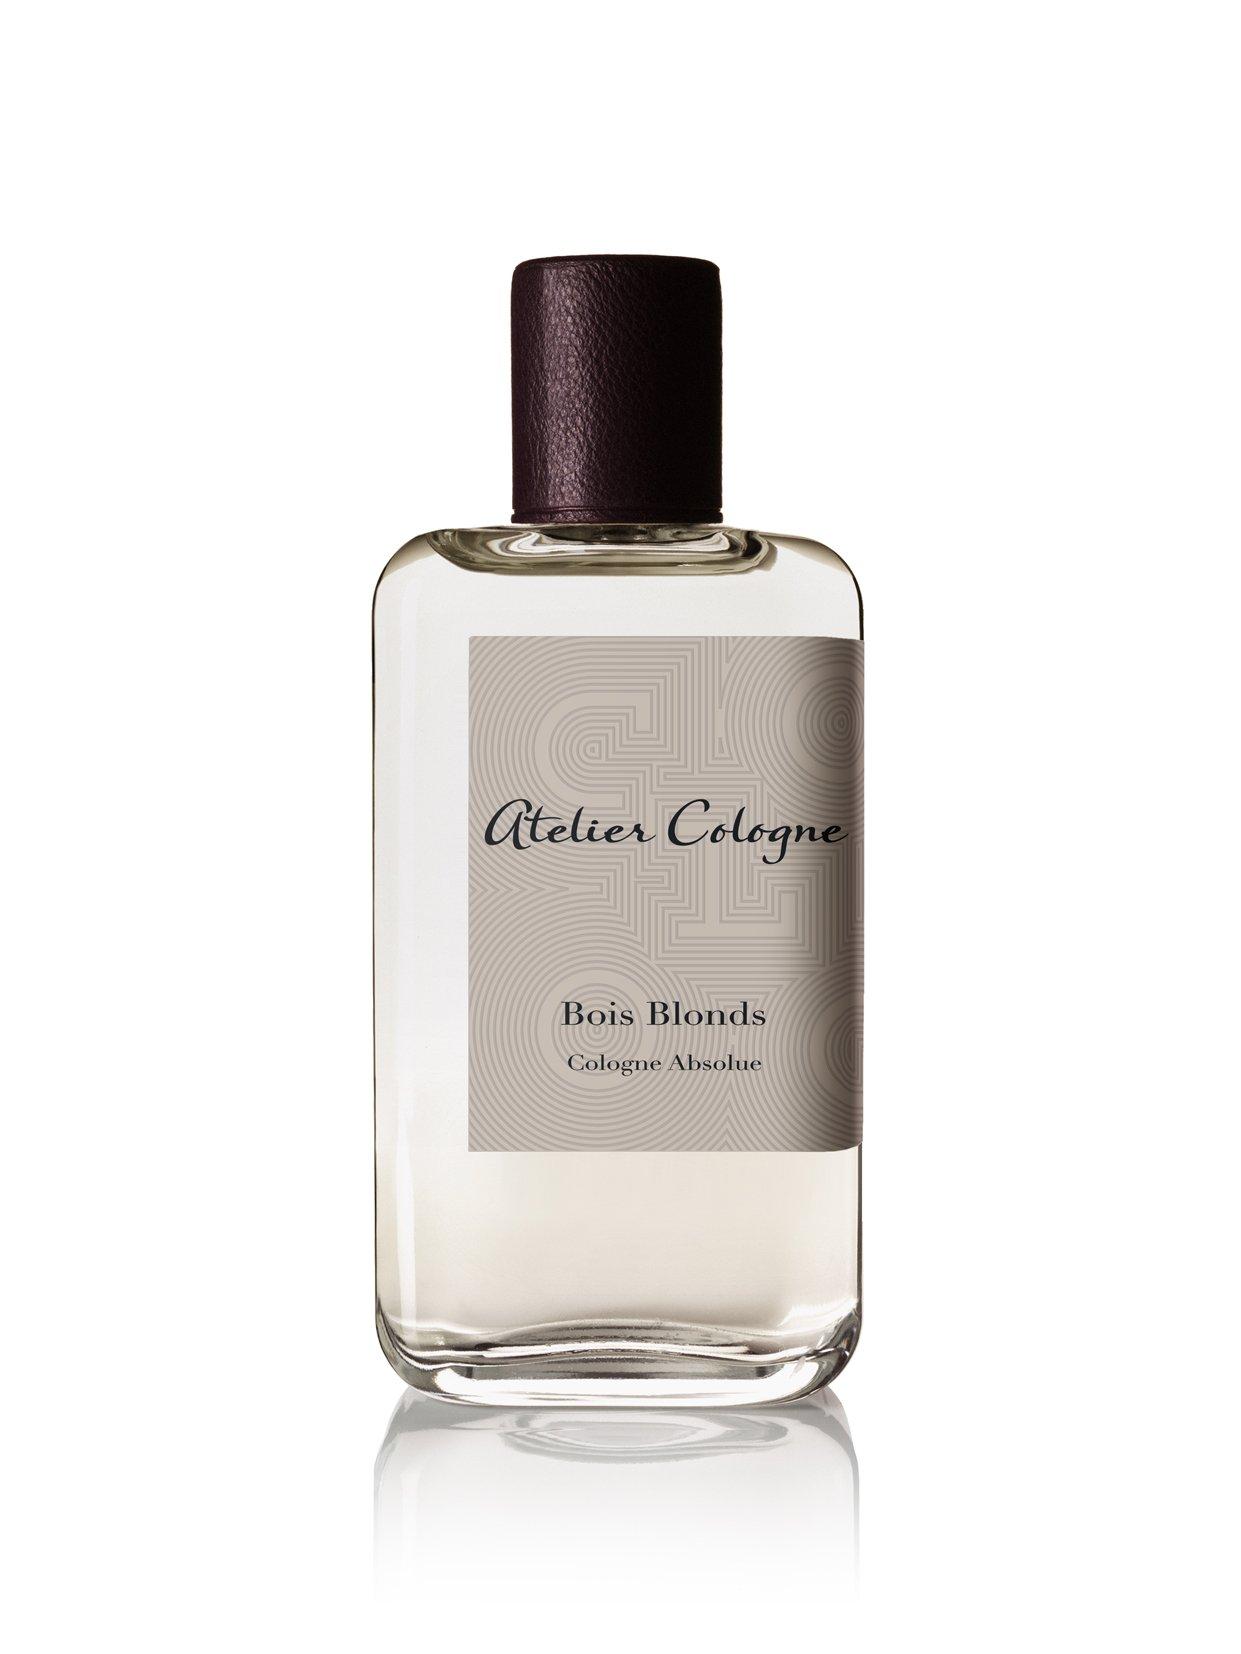 ویکالا · خرید Atelier Cologne Bois Blonds کلن، 3.3 اونس اصل اورجینال · خرید از آمازون · Atelier Cologne Bois Blonds Cologne, 3.3 Ounce wekala · ویکالا